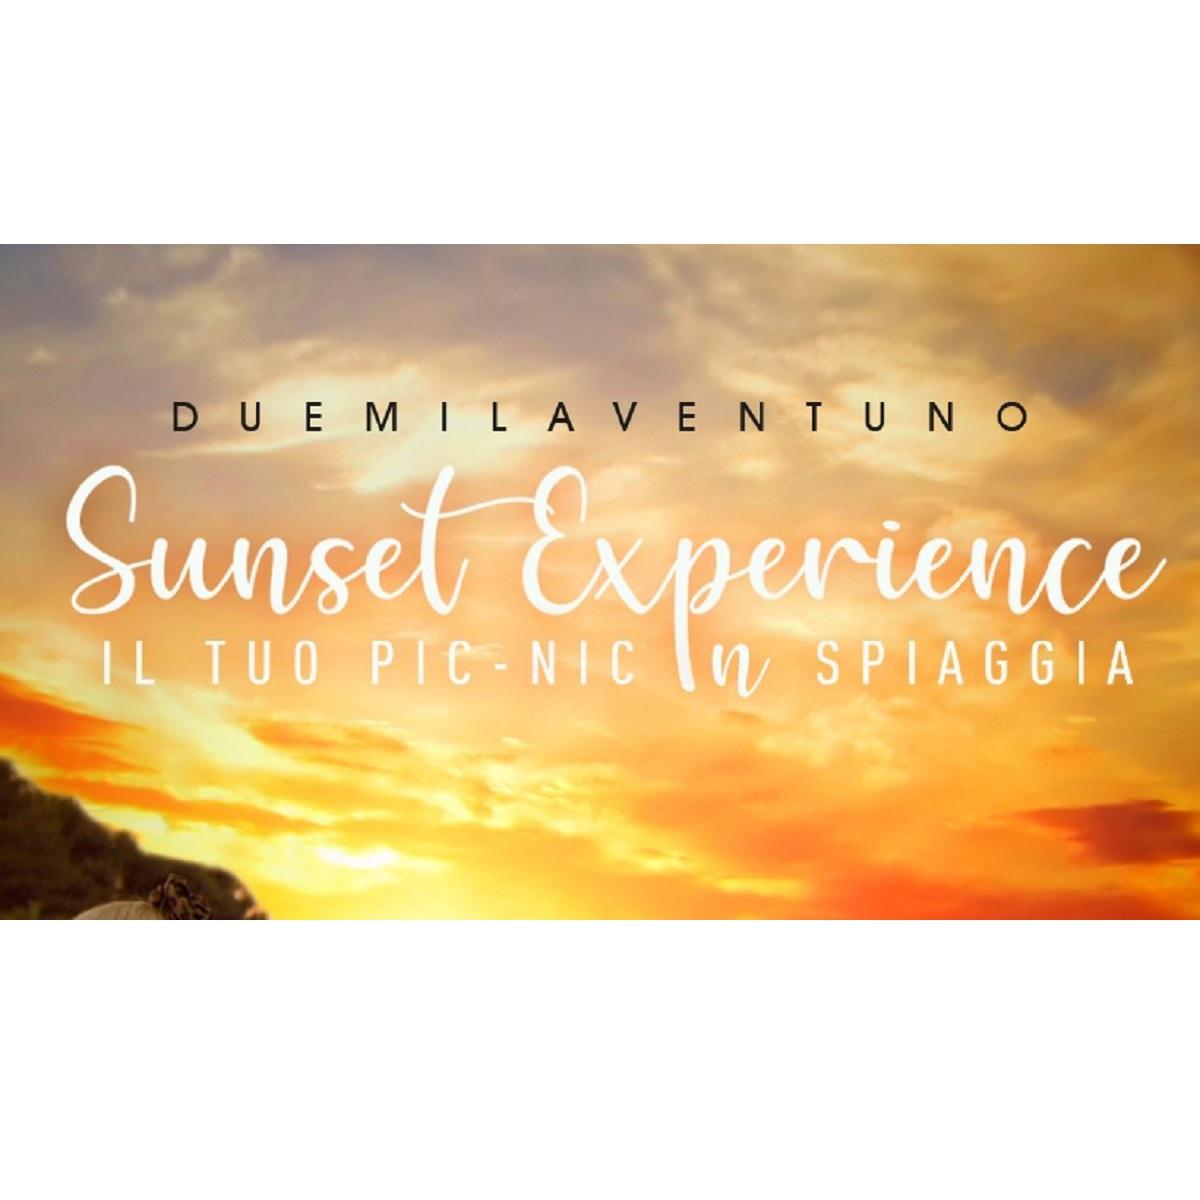 Sunset Experience pic nic in spiaggia domenica 27 Giugno foto